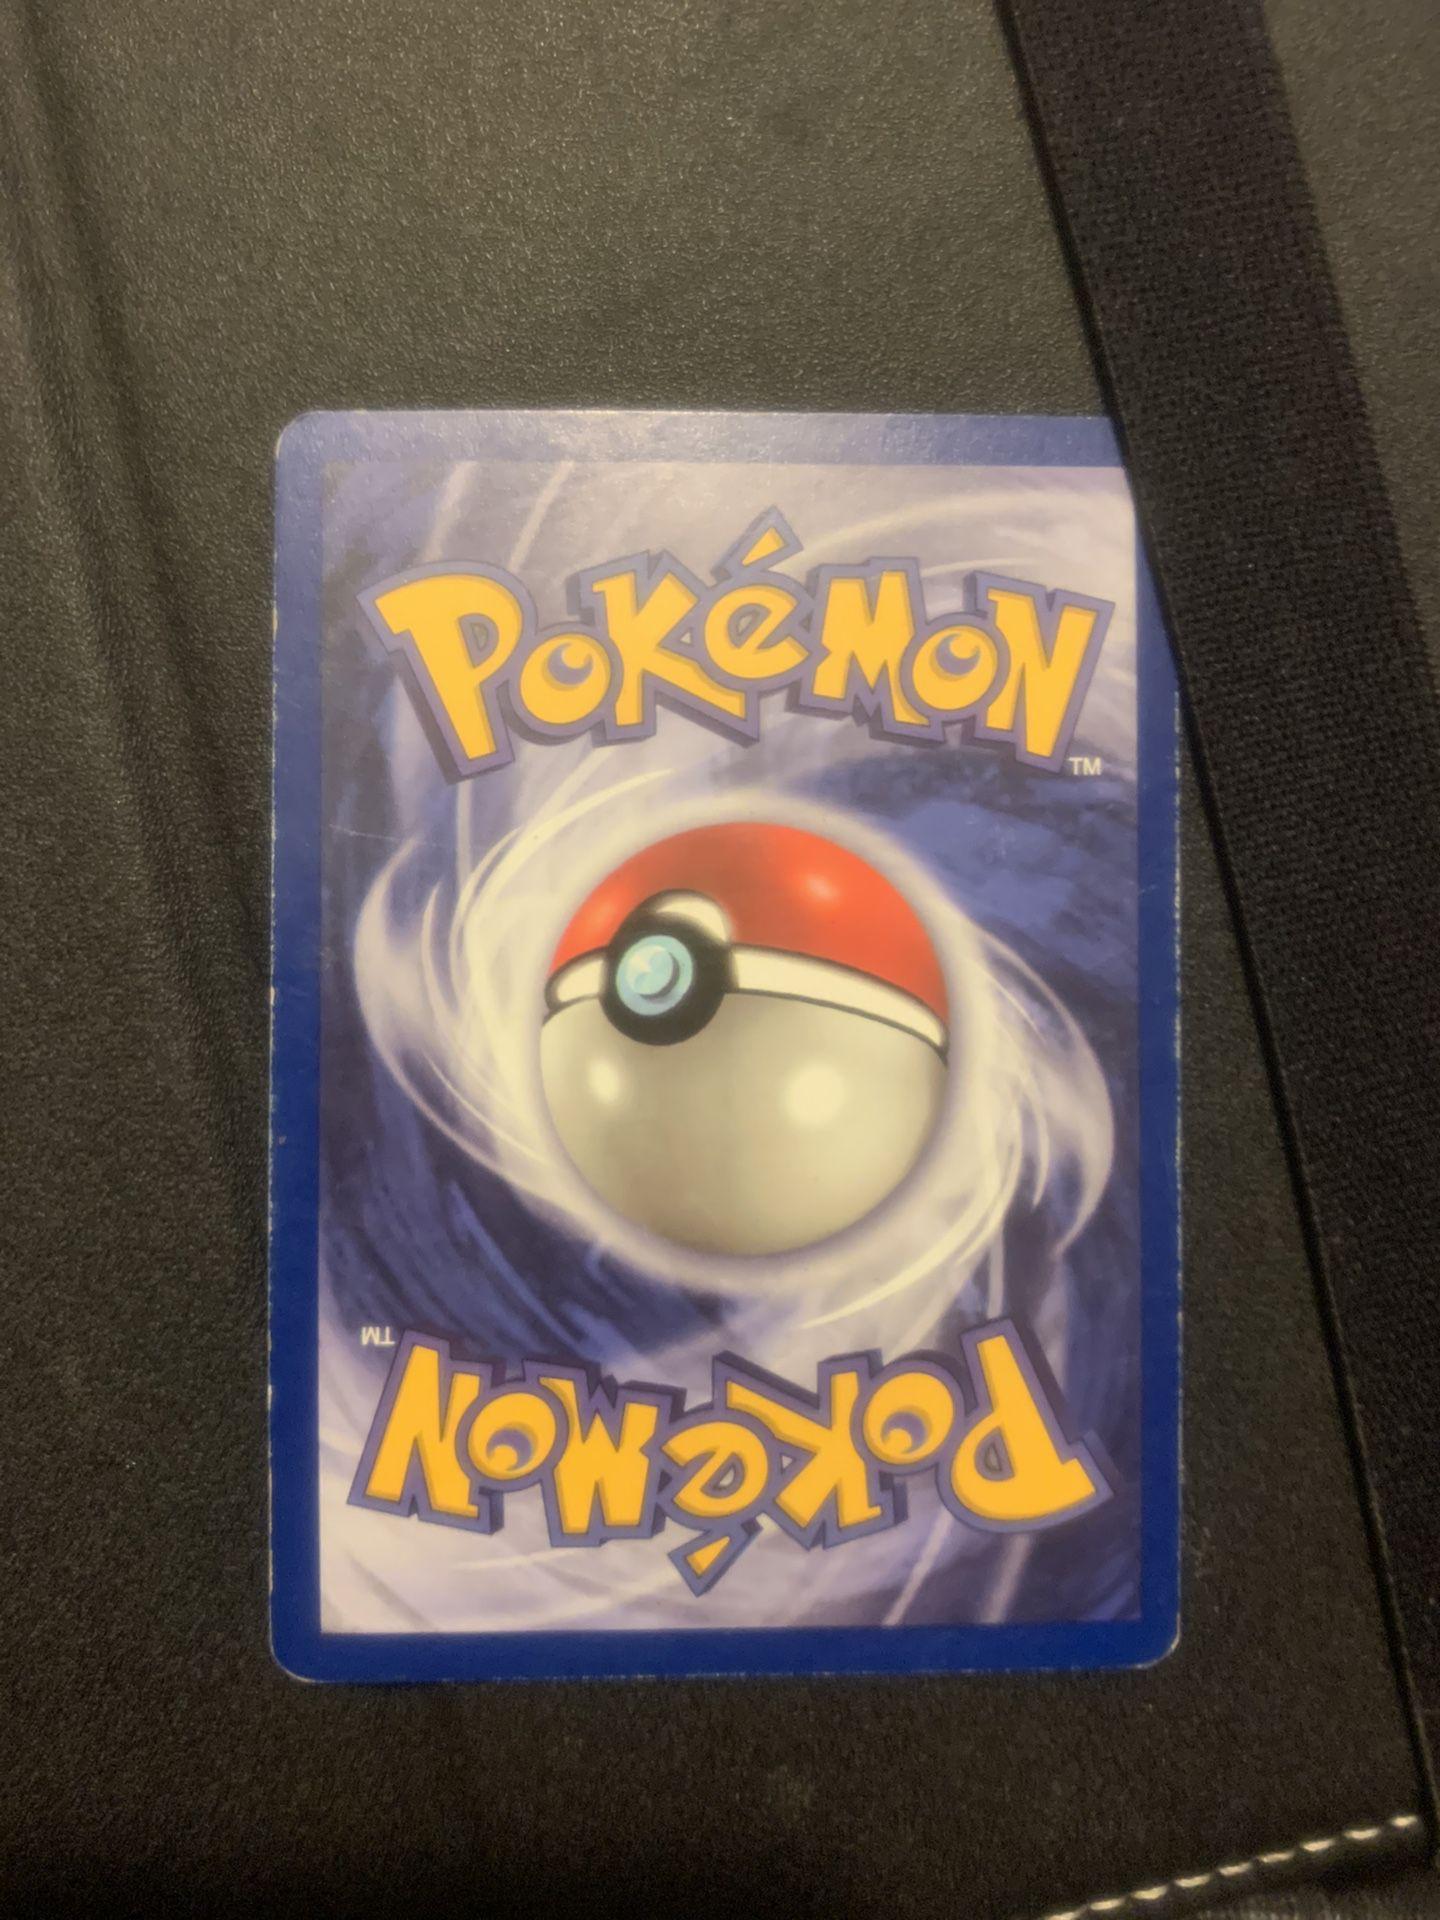 Mew/Mewtwo Promo Pokémon Cards